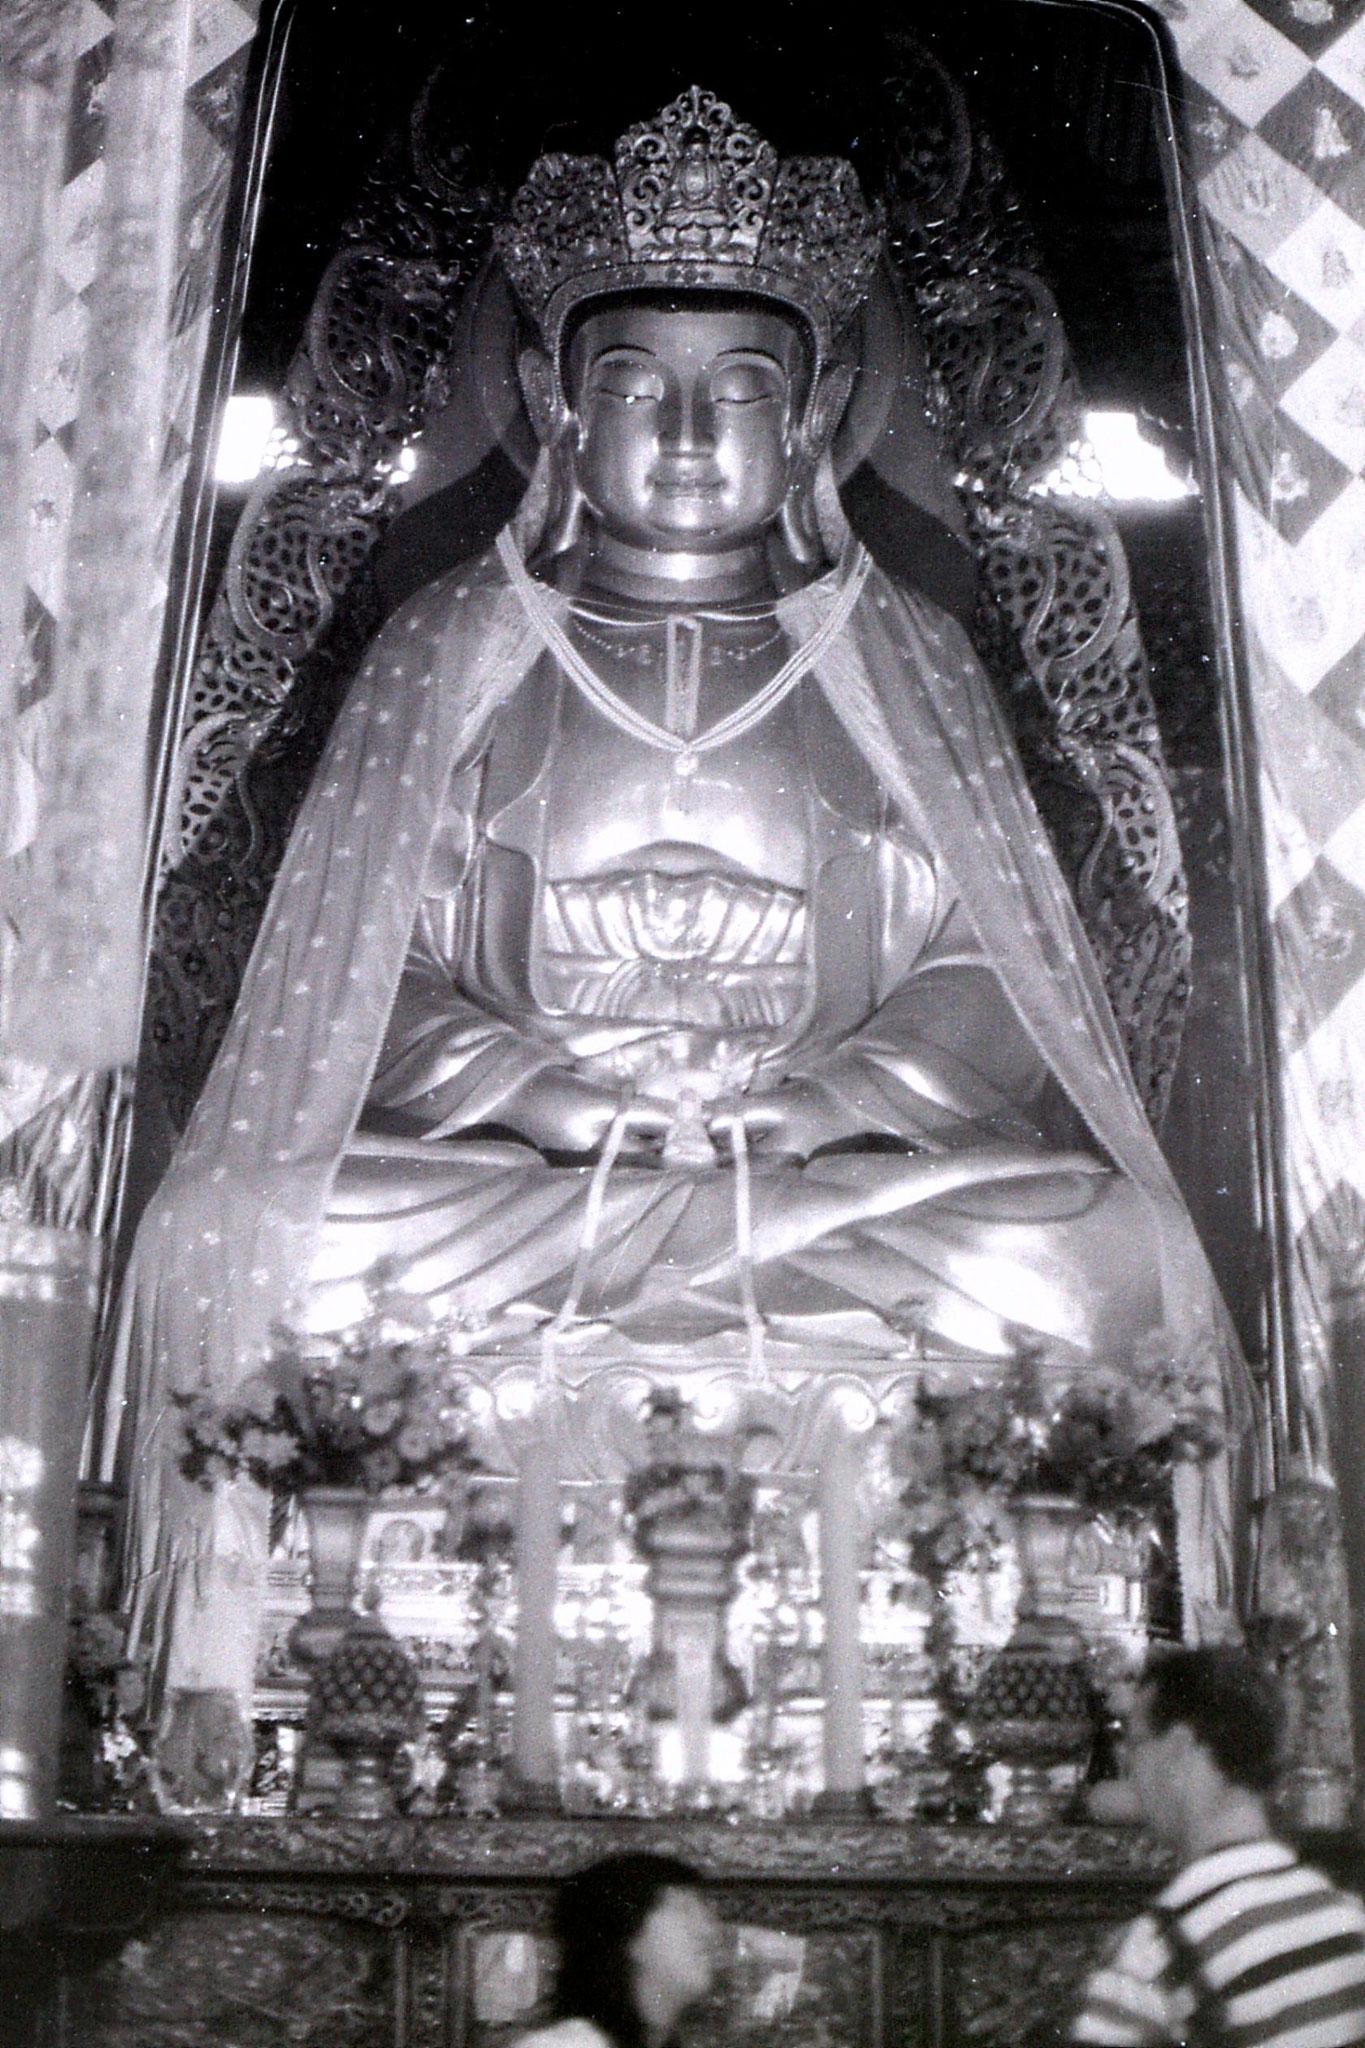 24/7/1989: 31: Putuo, Guanyin